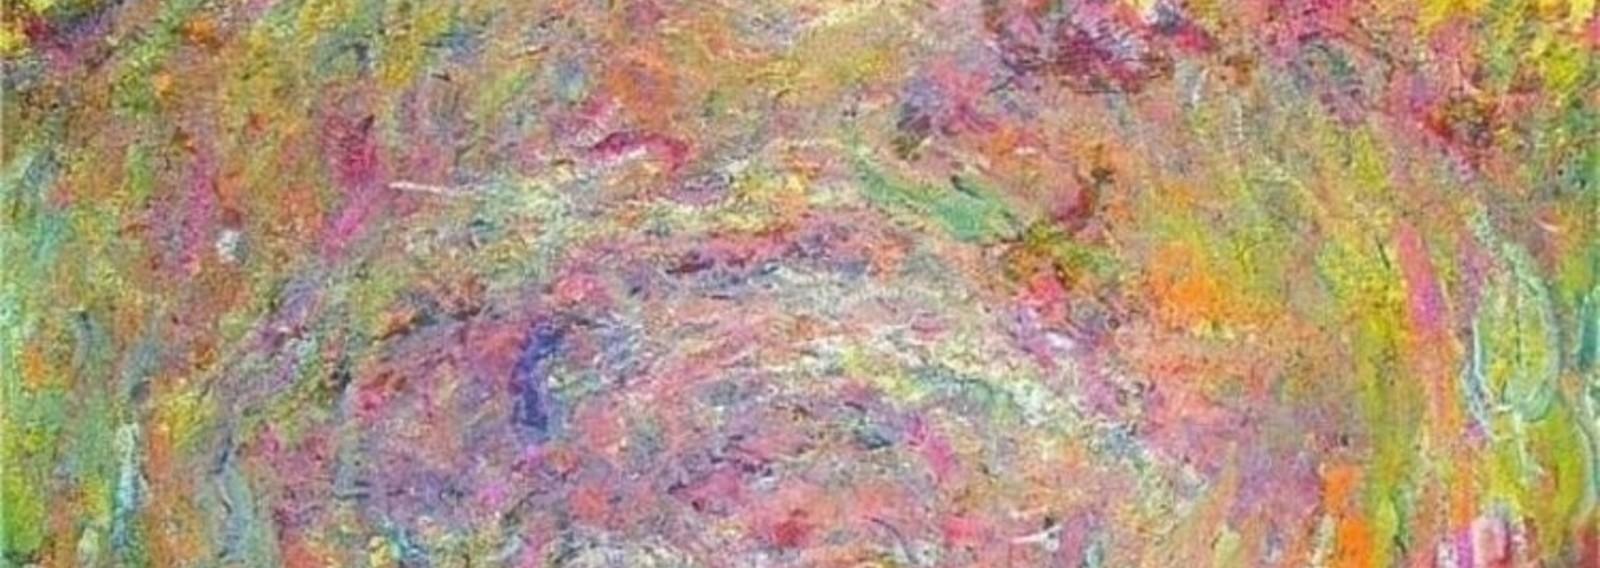 ヒコロヒーの画像 p1_26